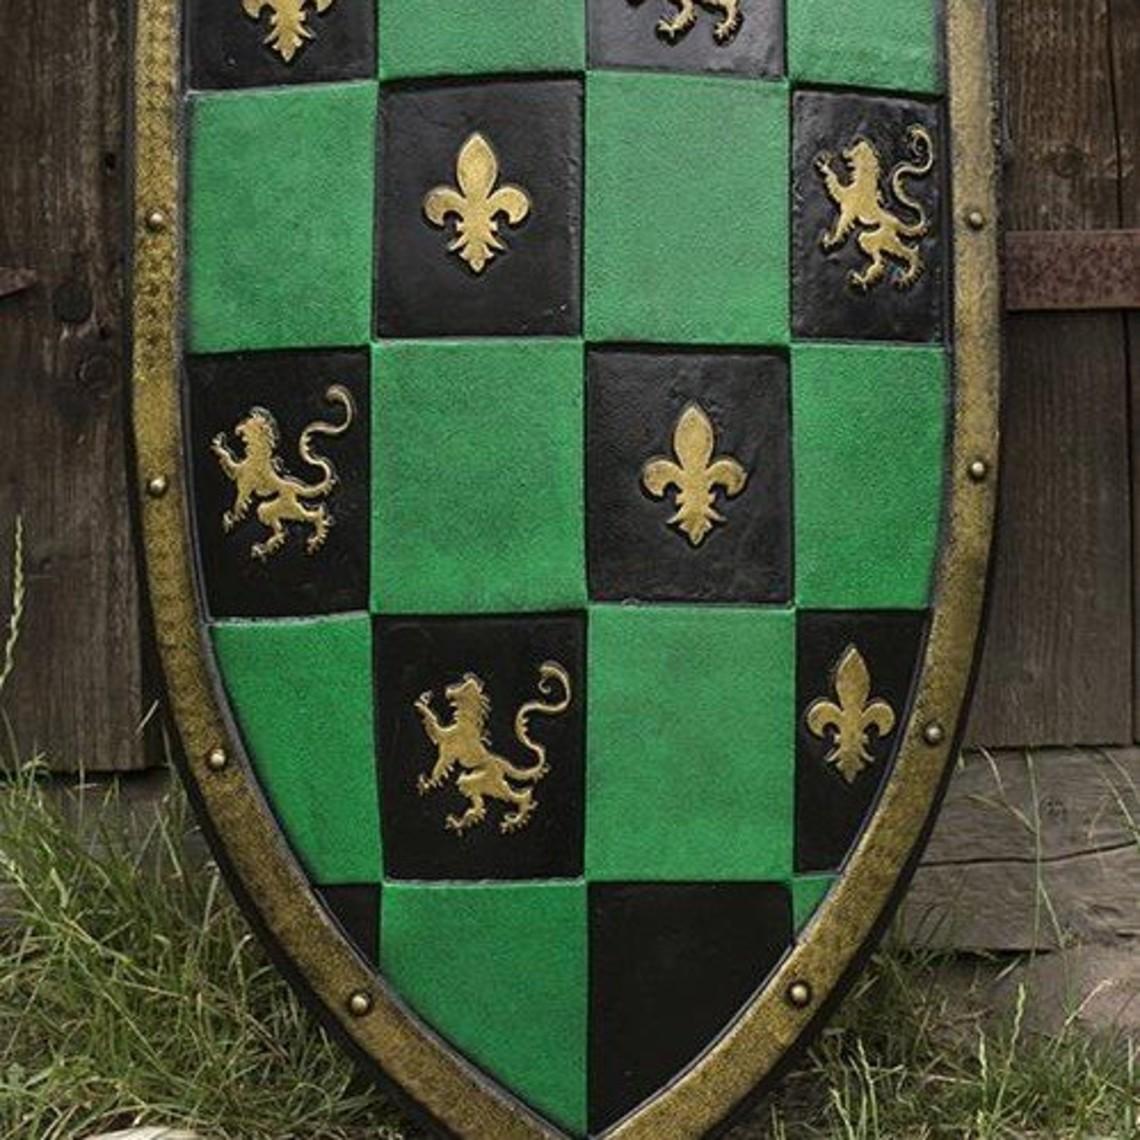 Epic Armoury LARP cuadros escudo verde / negro / oro